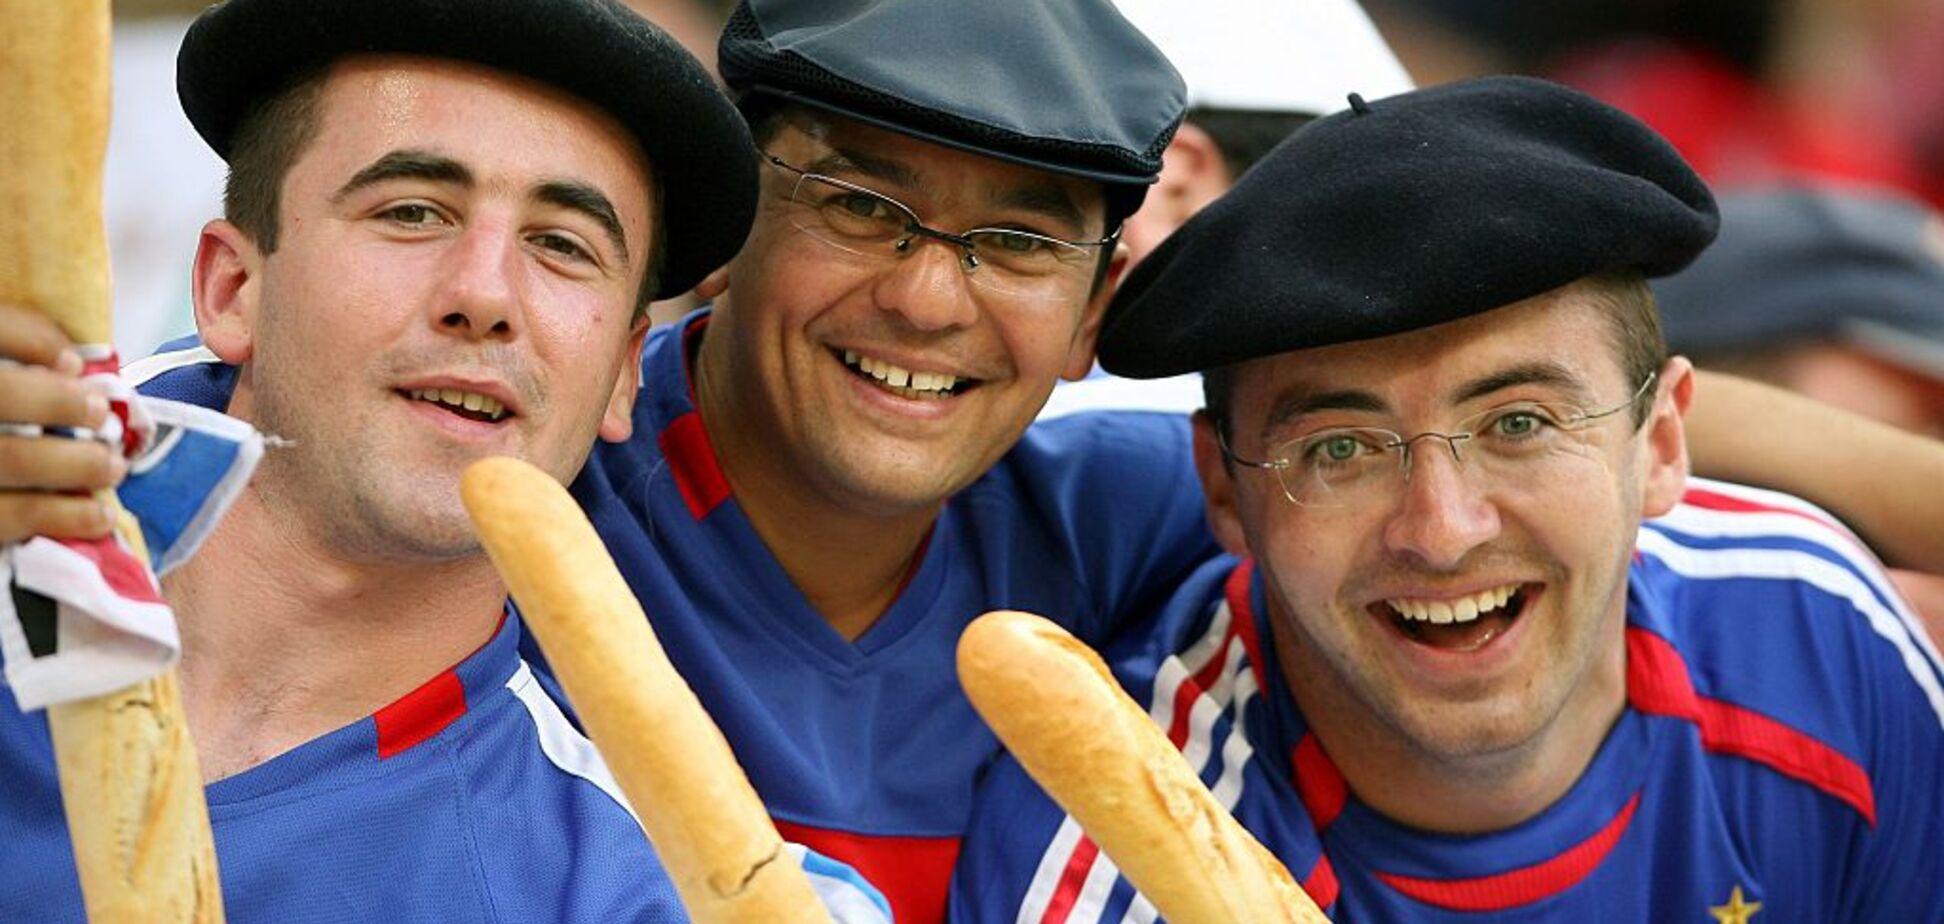 Три легенди про те, як народився знаменитий французький багет